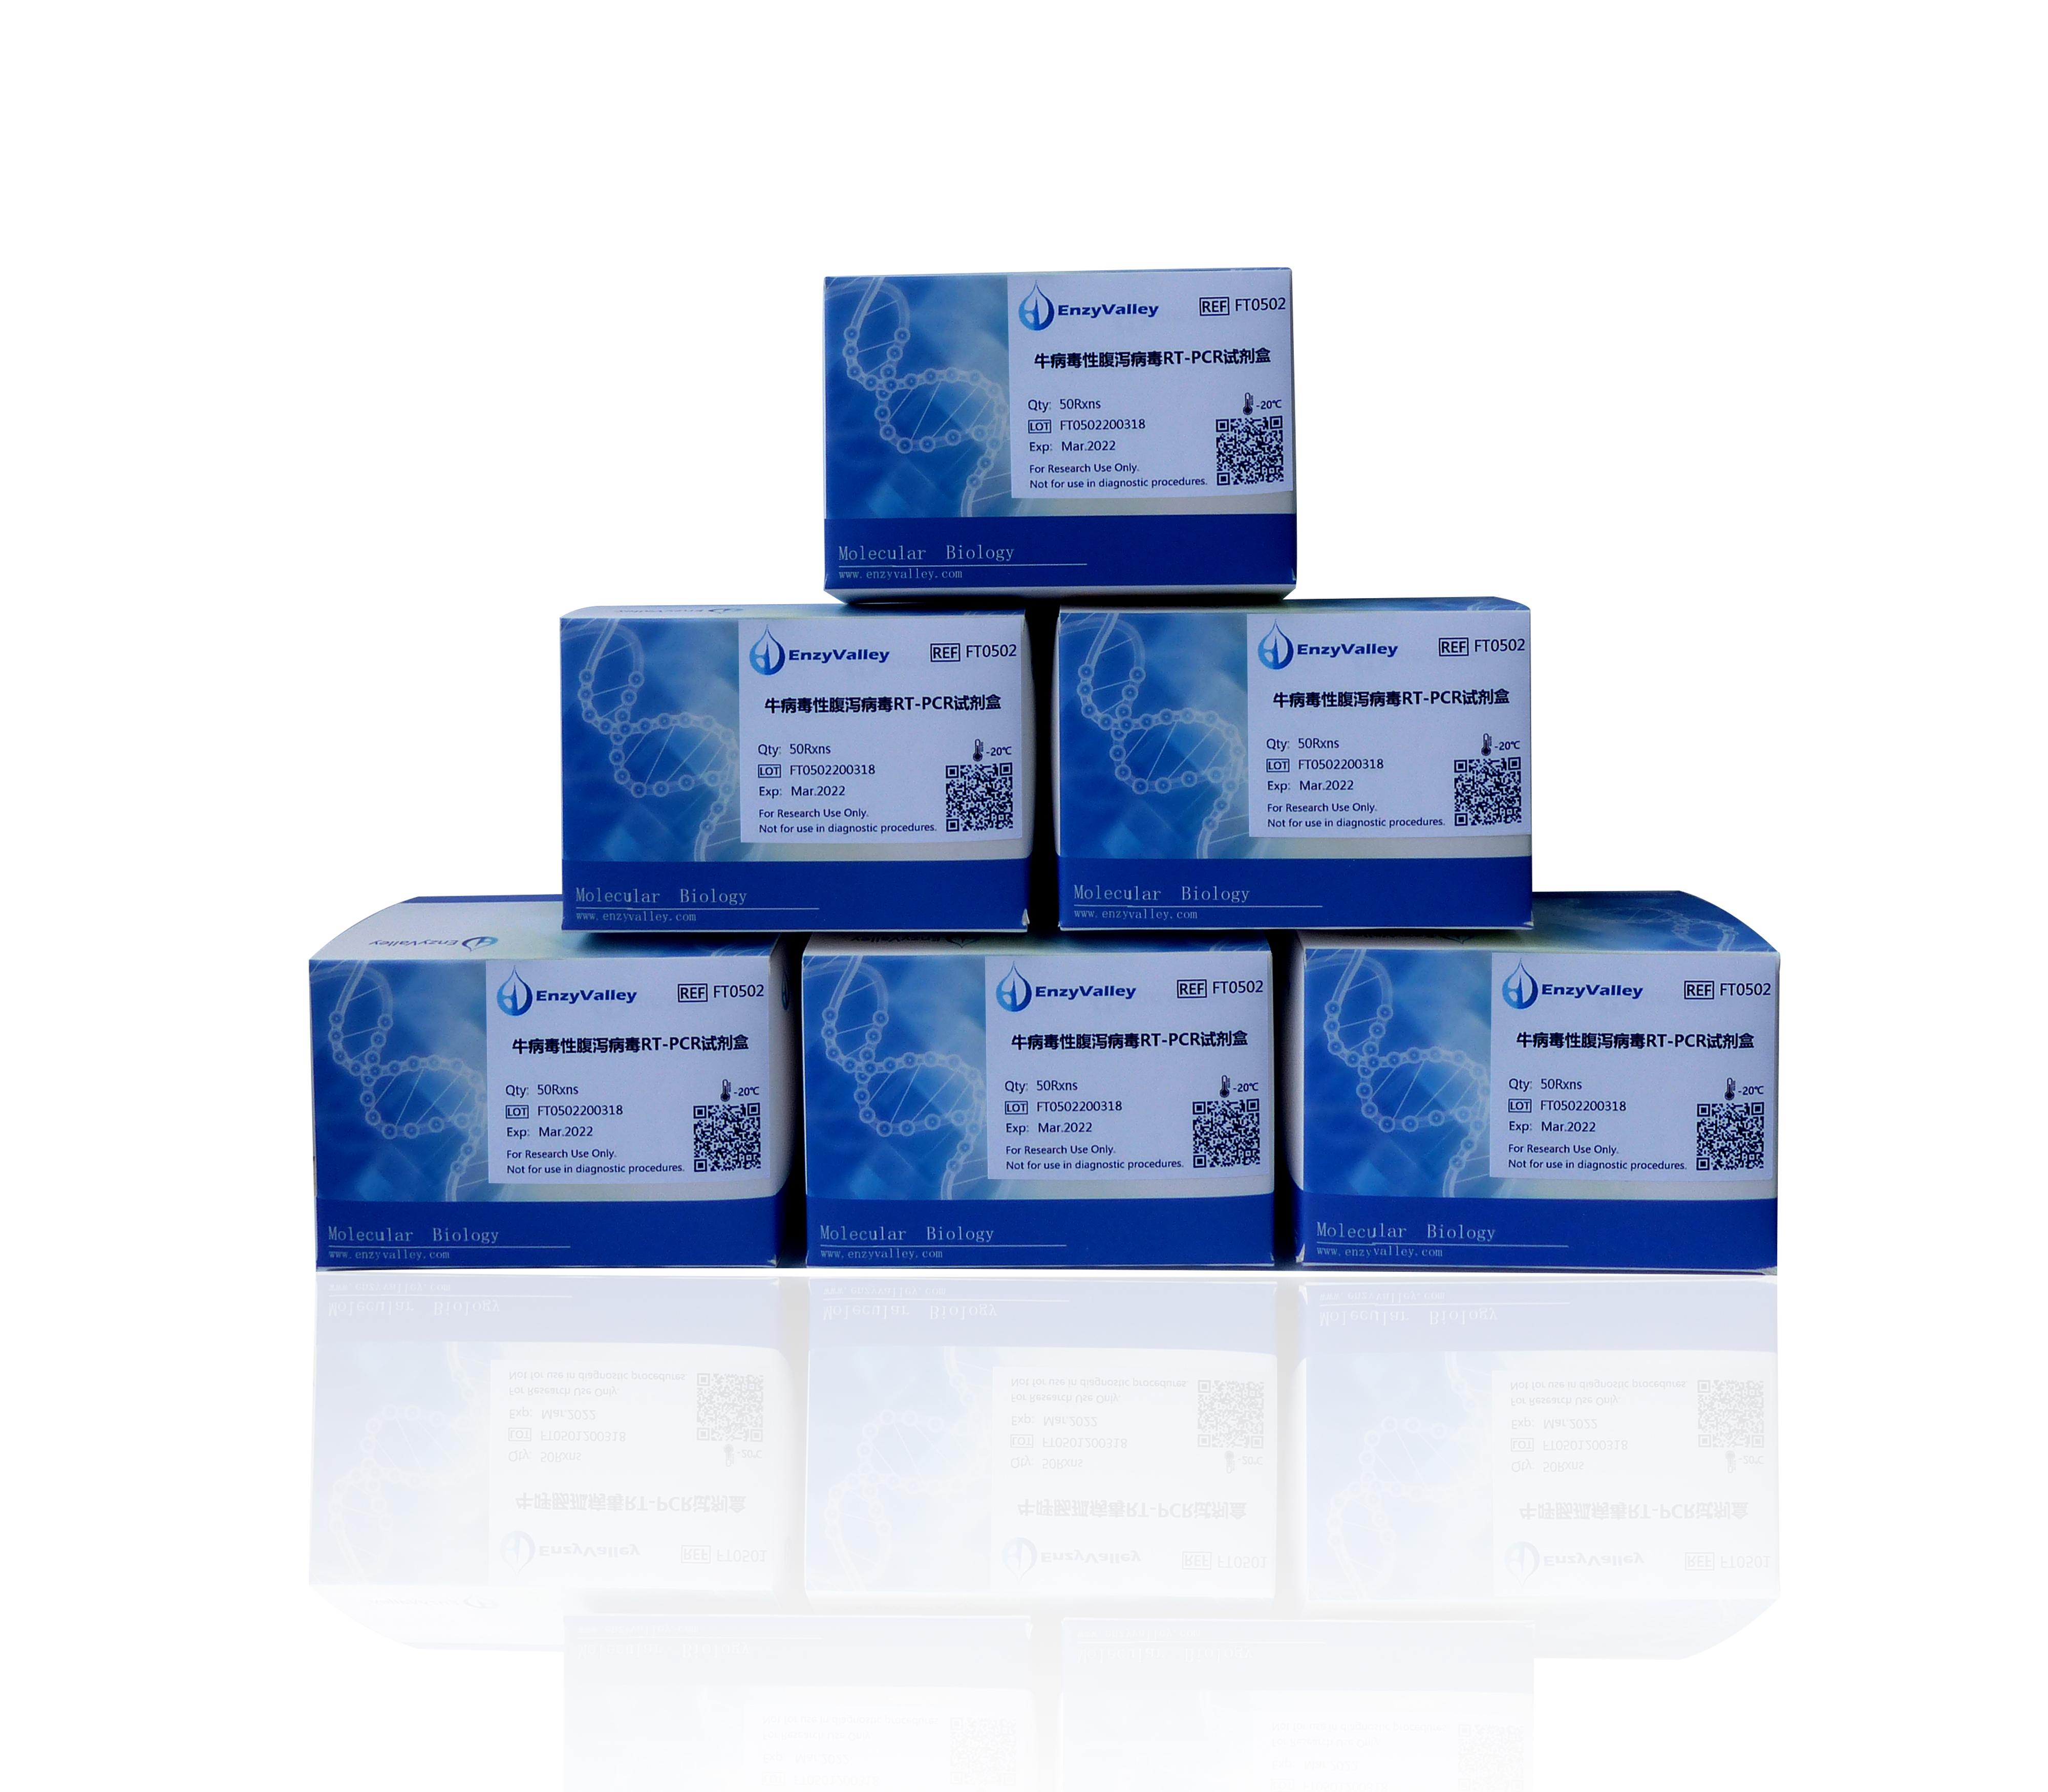 牛病毒性腹泻病毒RT-PCR试剂盒